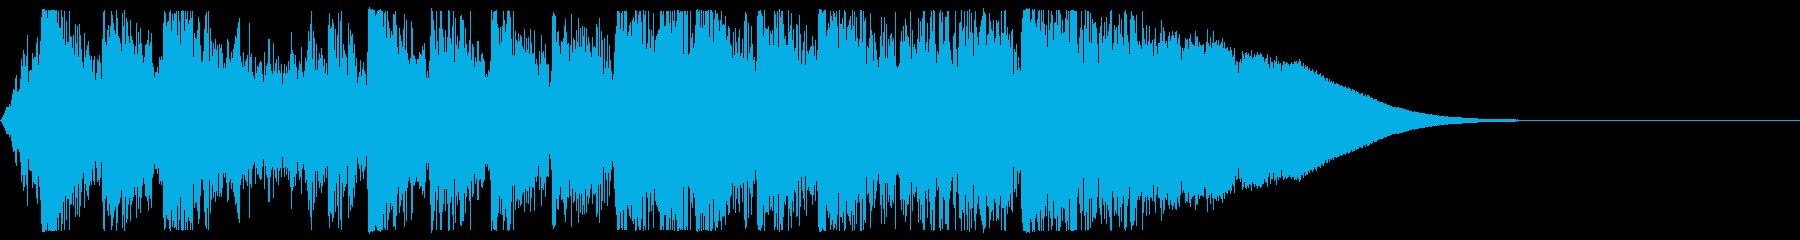 自然の息吹を感じる壮大な和風サウンドロゴの再生済みの波形